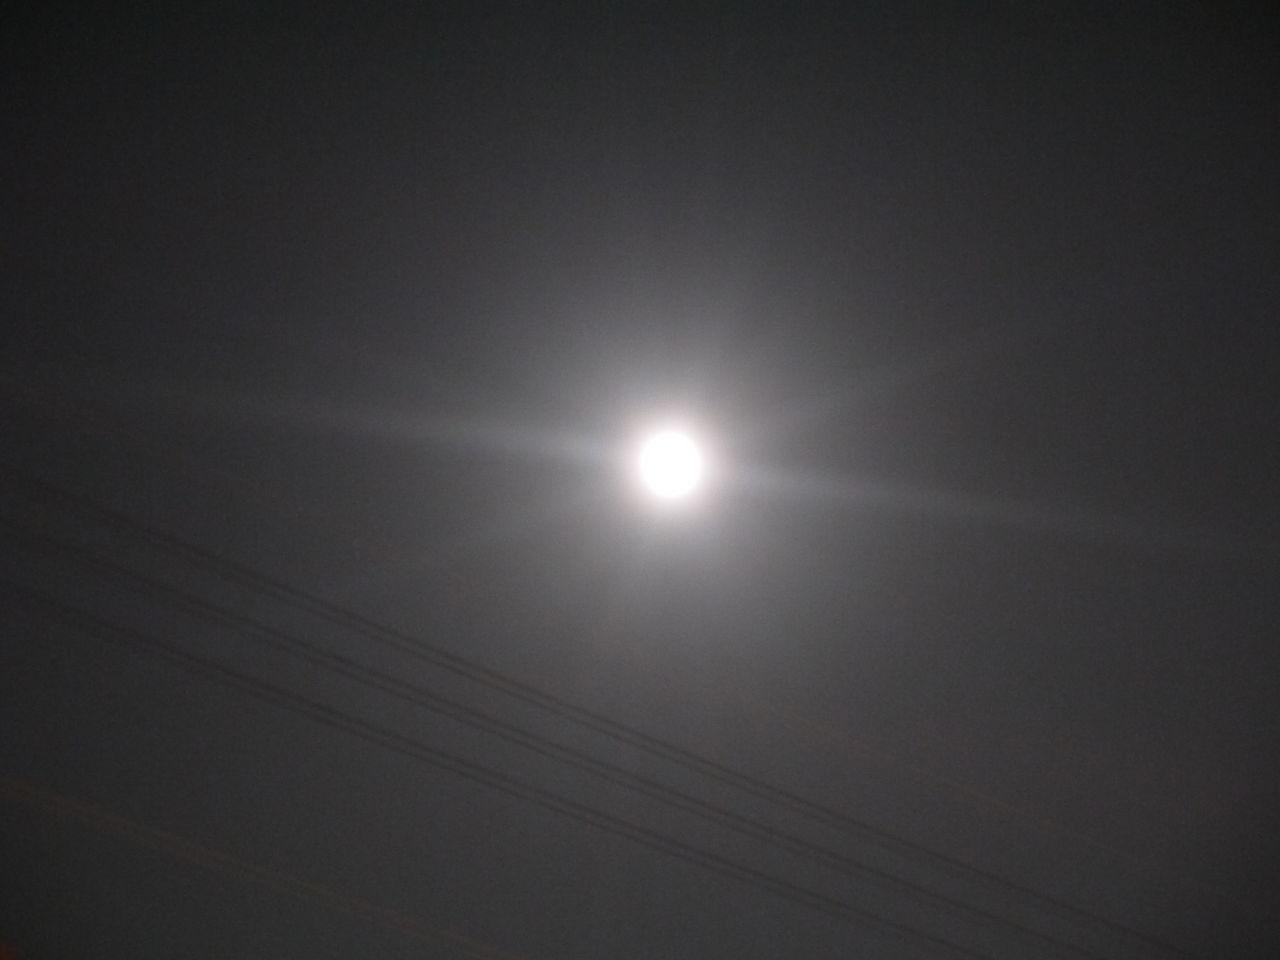 です 今日 は か 満月